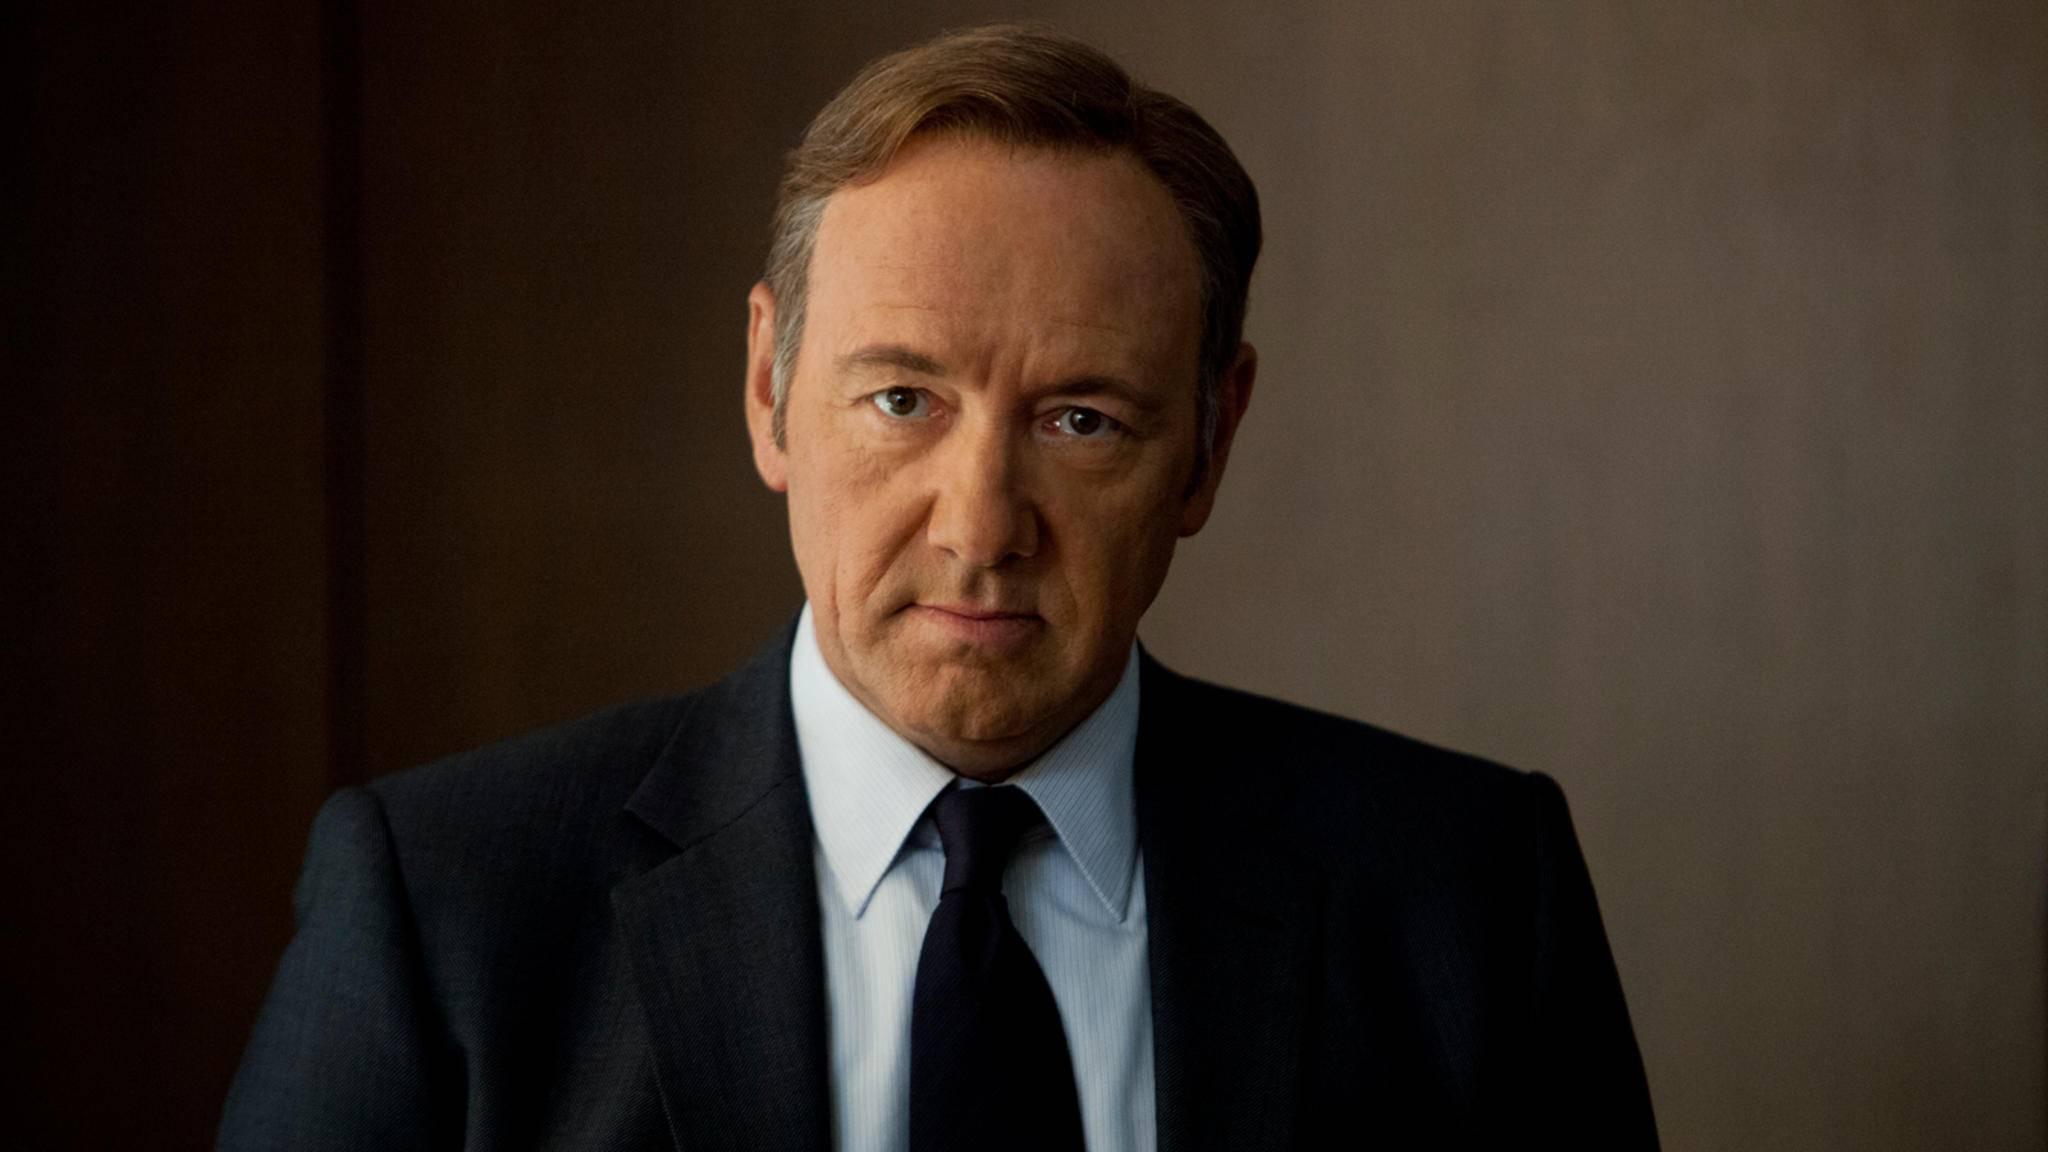 Schau mal genau hin: In Episode 9 von Staffel 1 trägt Frank Underwood (Kevin Spacey) einen Verband an der Hand.